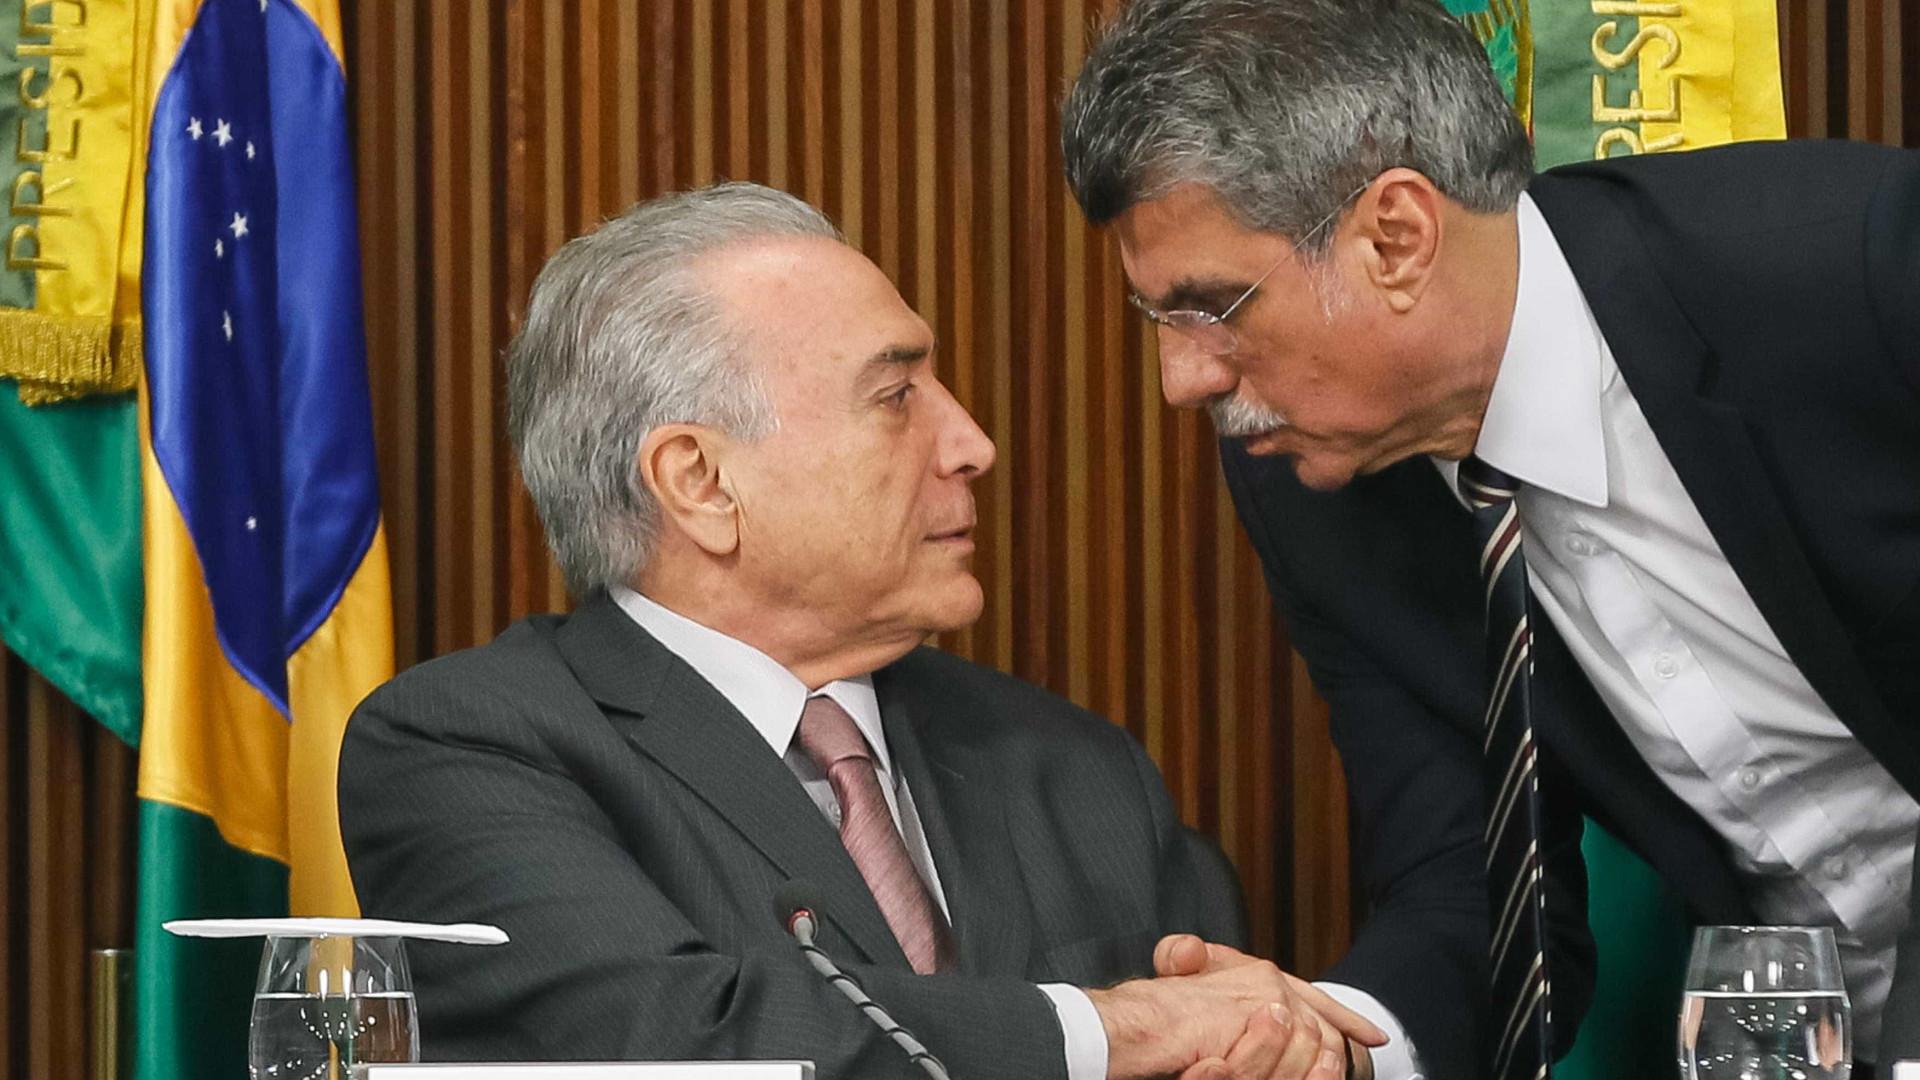 Temer é Tite e Dilma é Dunga  na seleção, compara Jucá